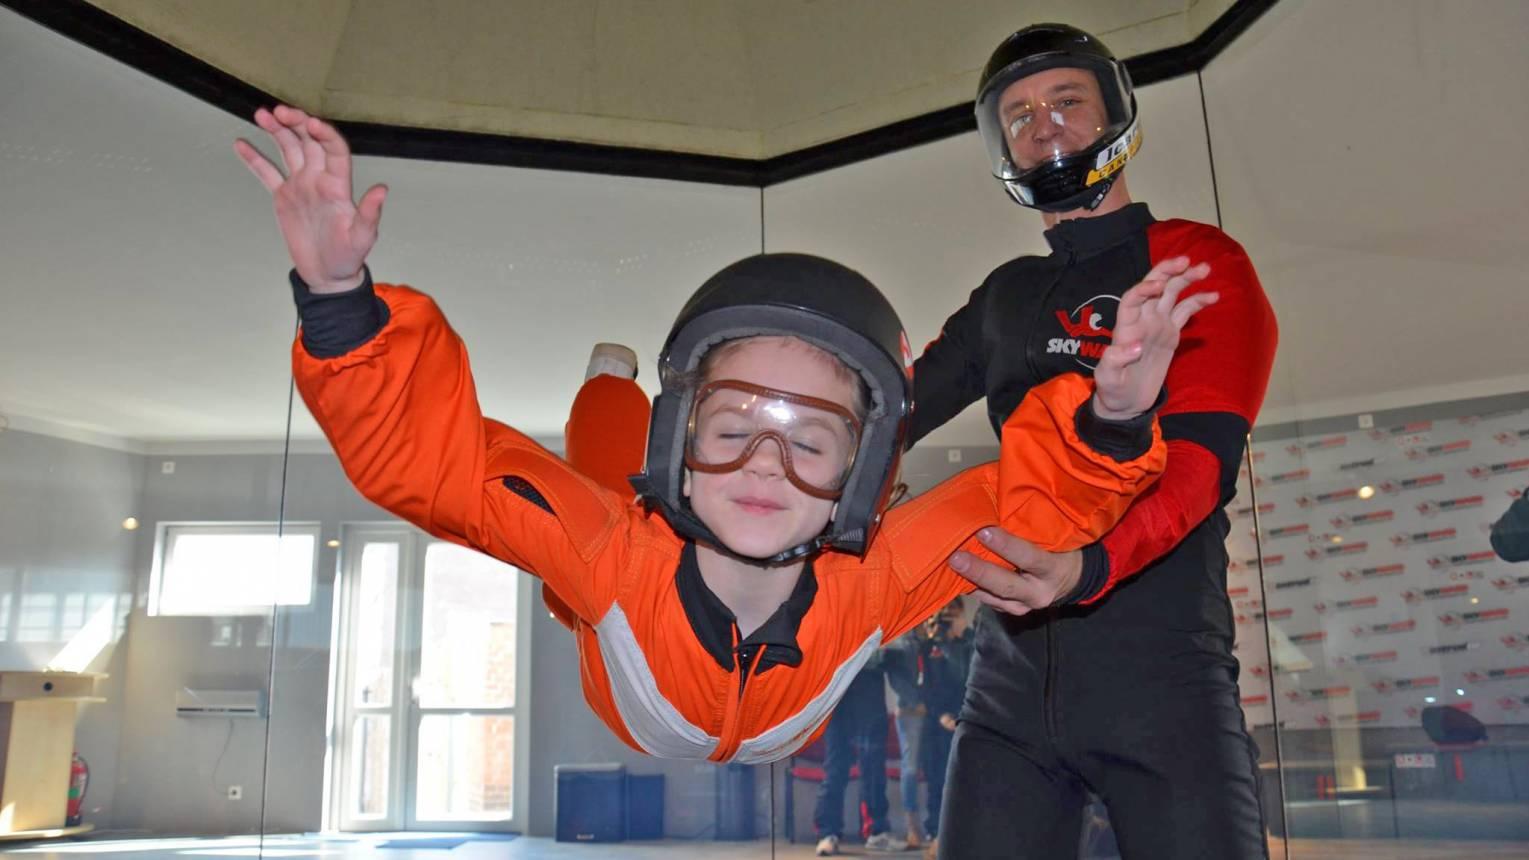 Gyerekeknek taxiztatás szélcsatornában 9 méteres magasságban